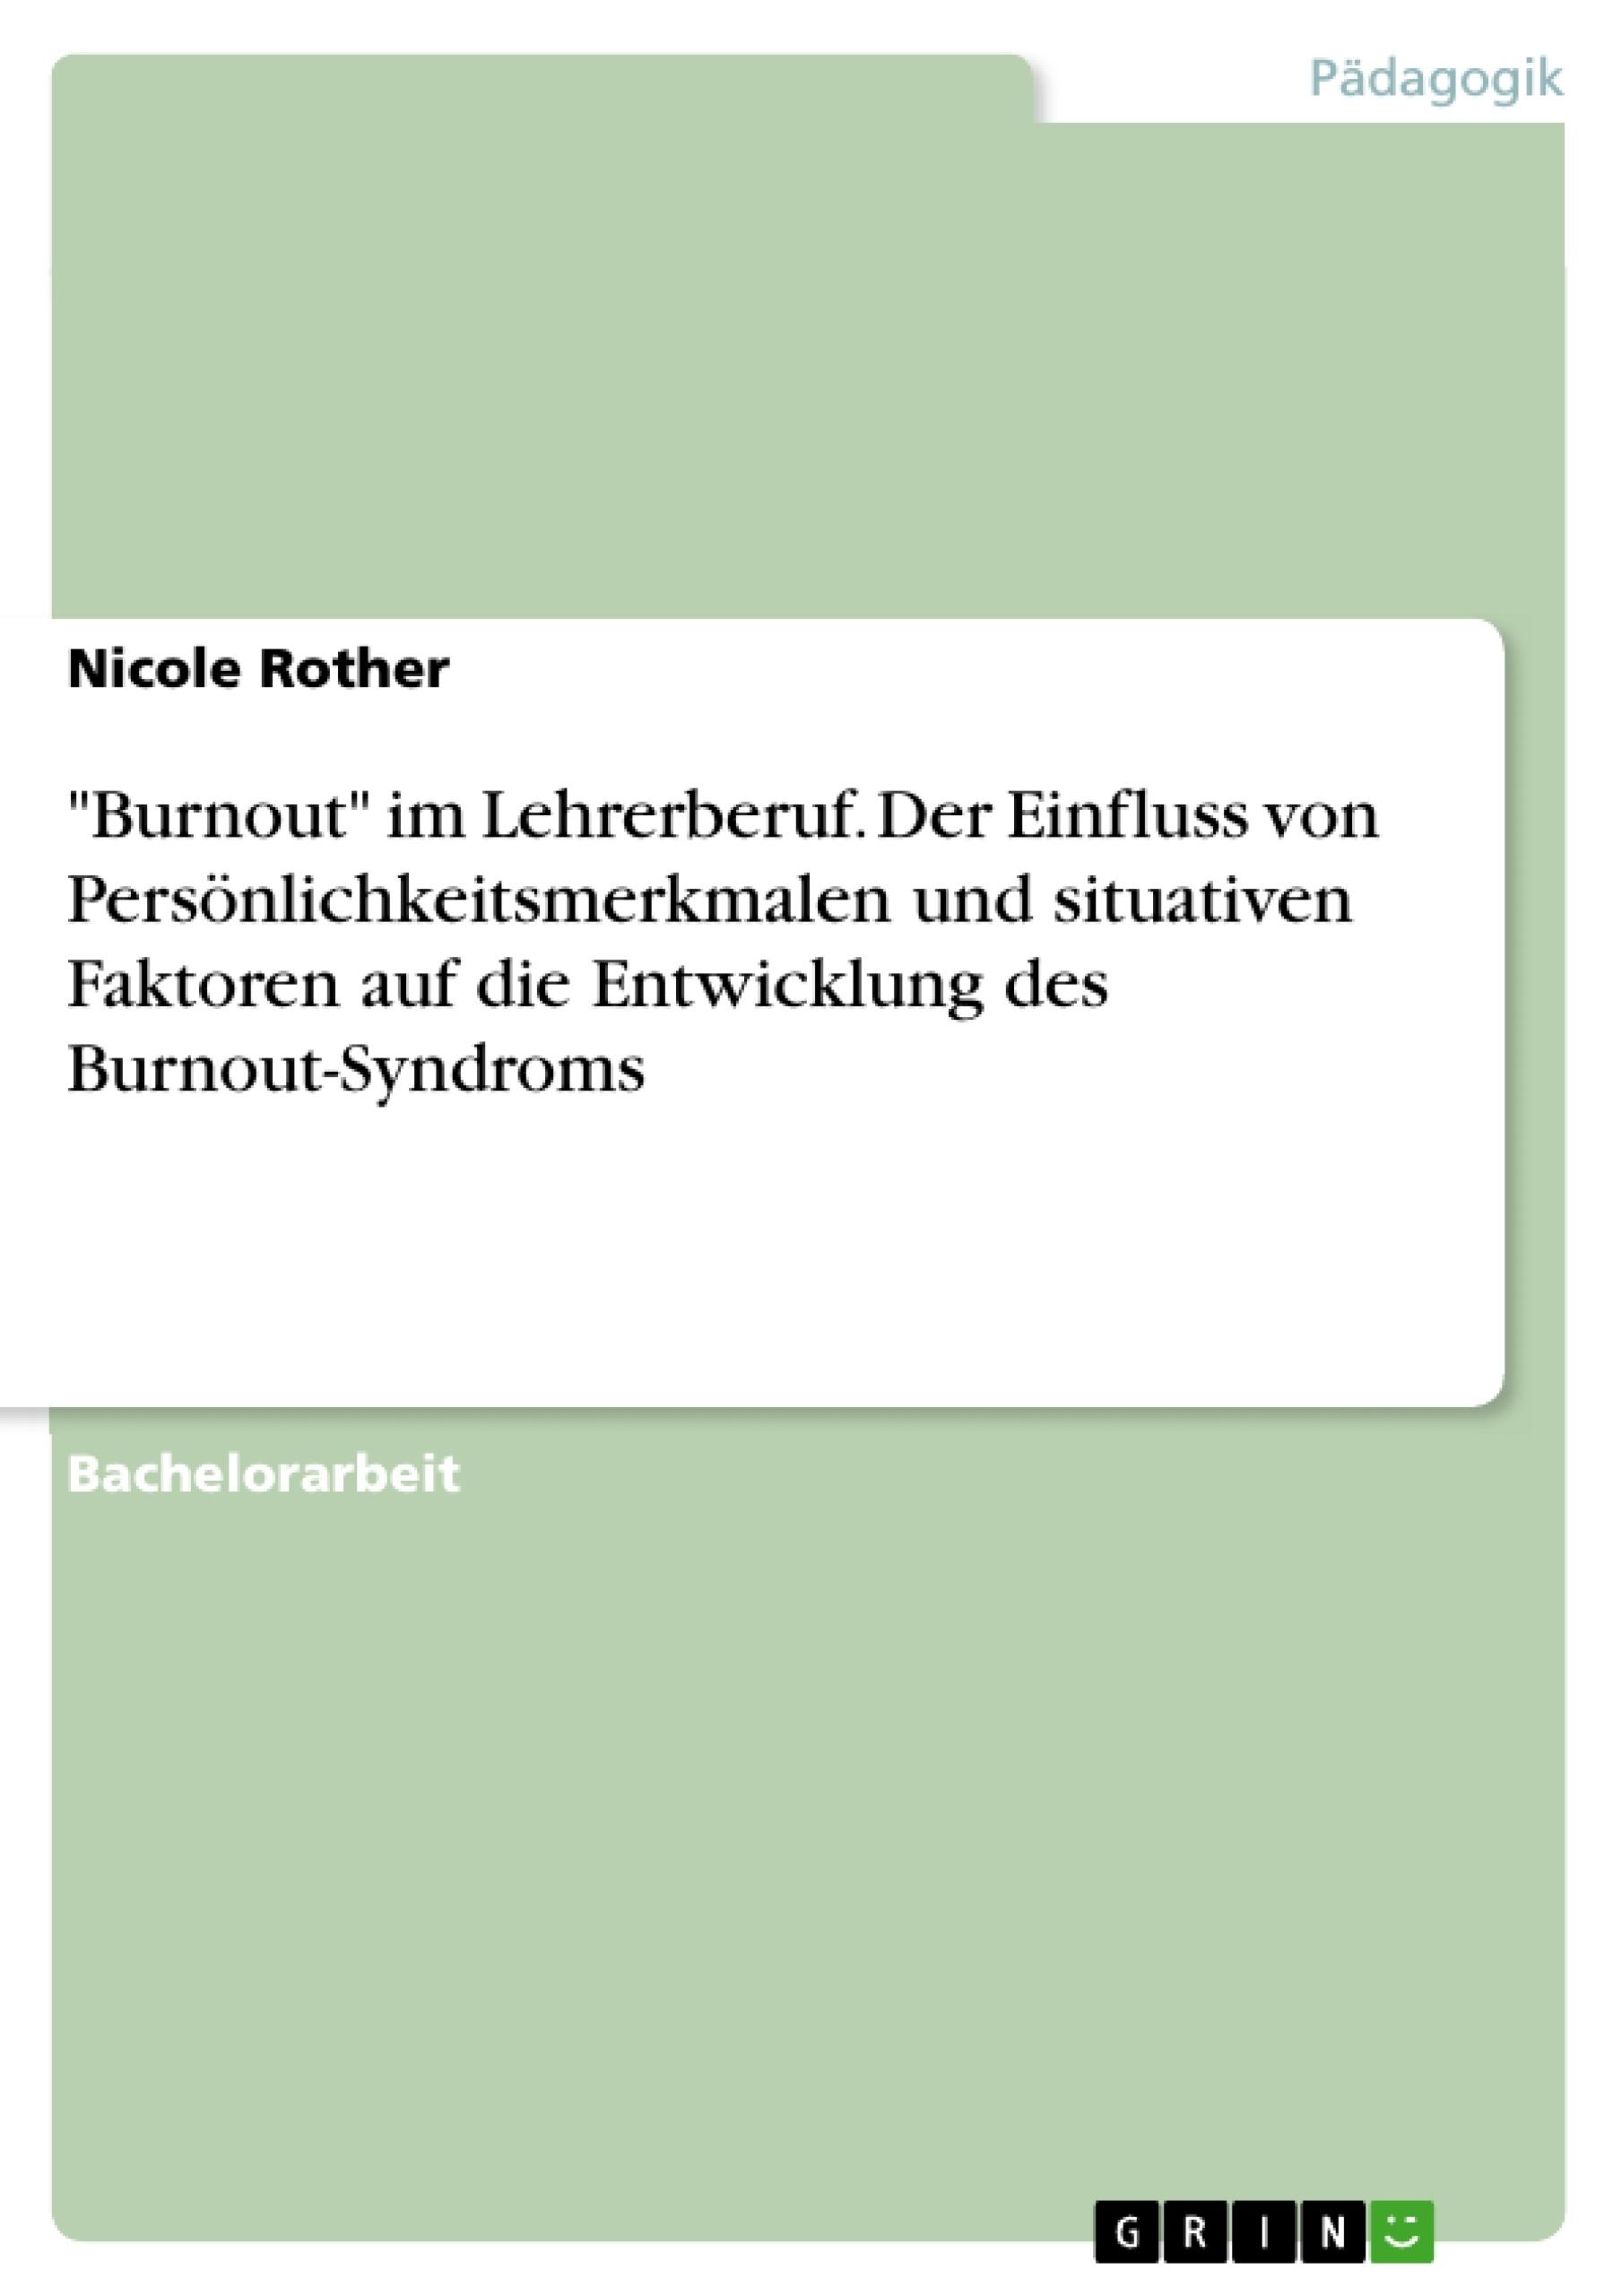 """Titel: """"Burnout"""" im Lehrerberuf. Der Einfluss von Persönlichkeitsmerkmalen und situativen Faktoren auf die Entwicklung des Burnout-Syndroms"""